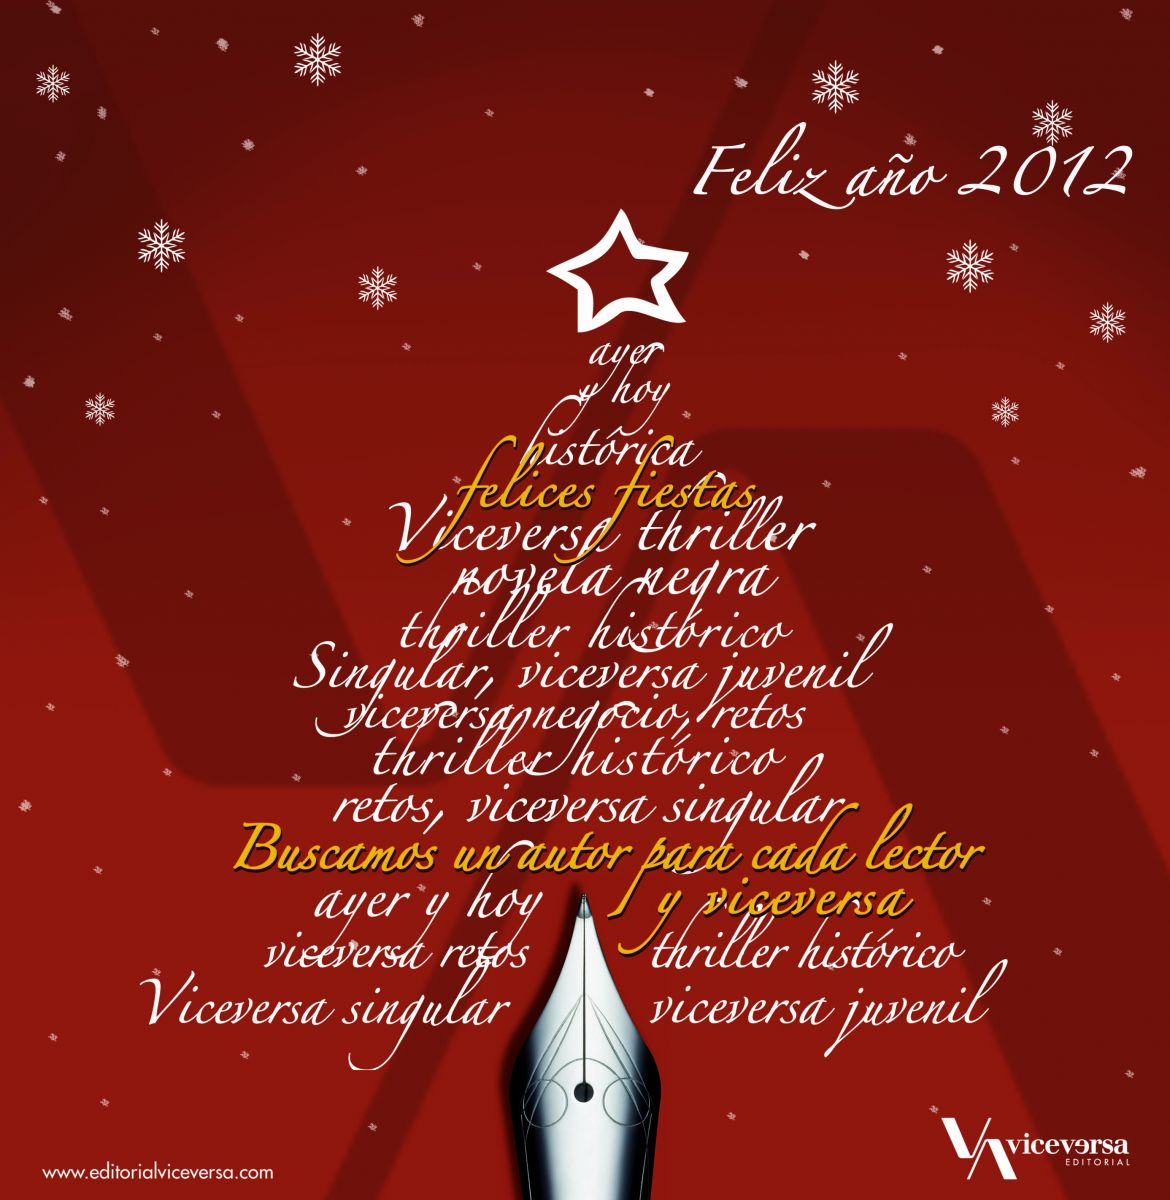 Libros en mi memoria diciembre 2011 - Postal navidad original ...